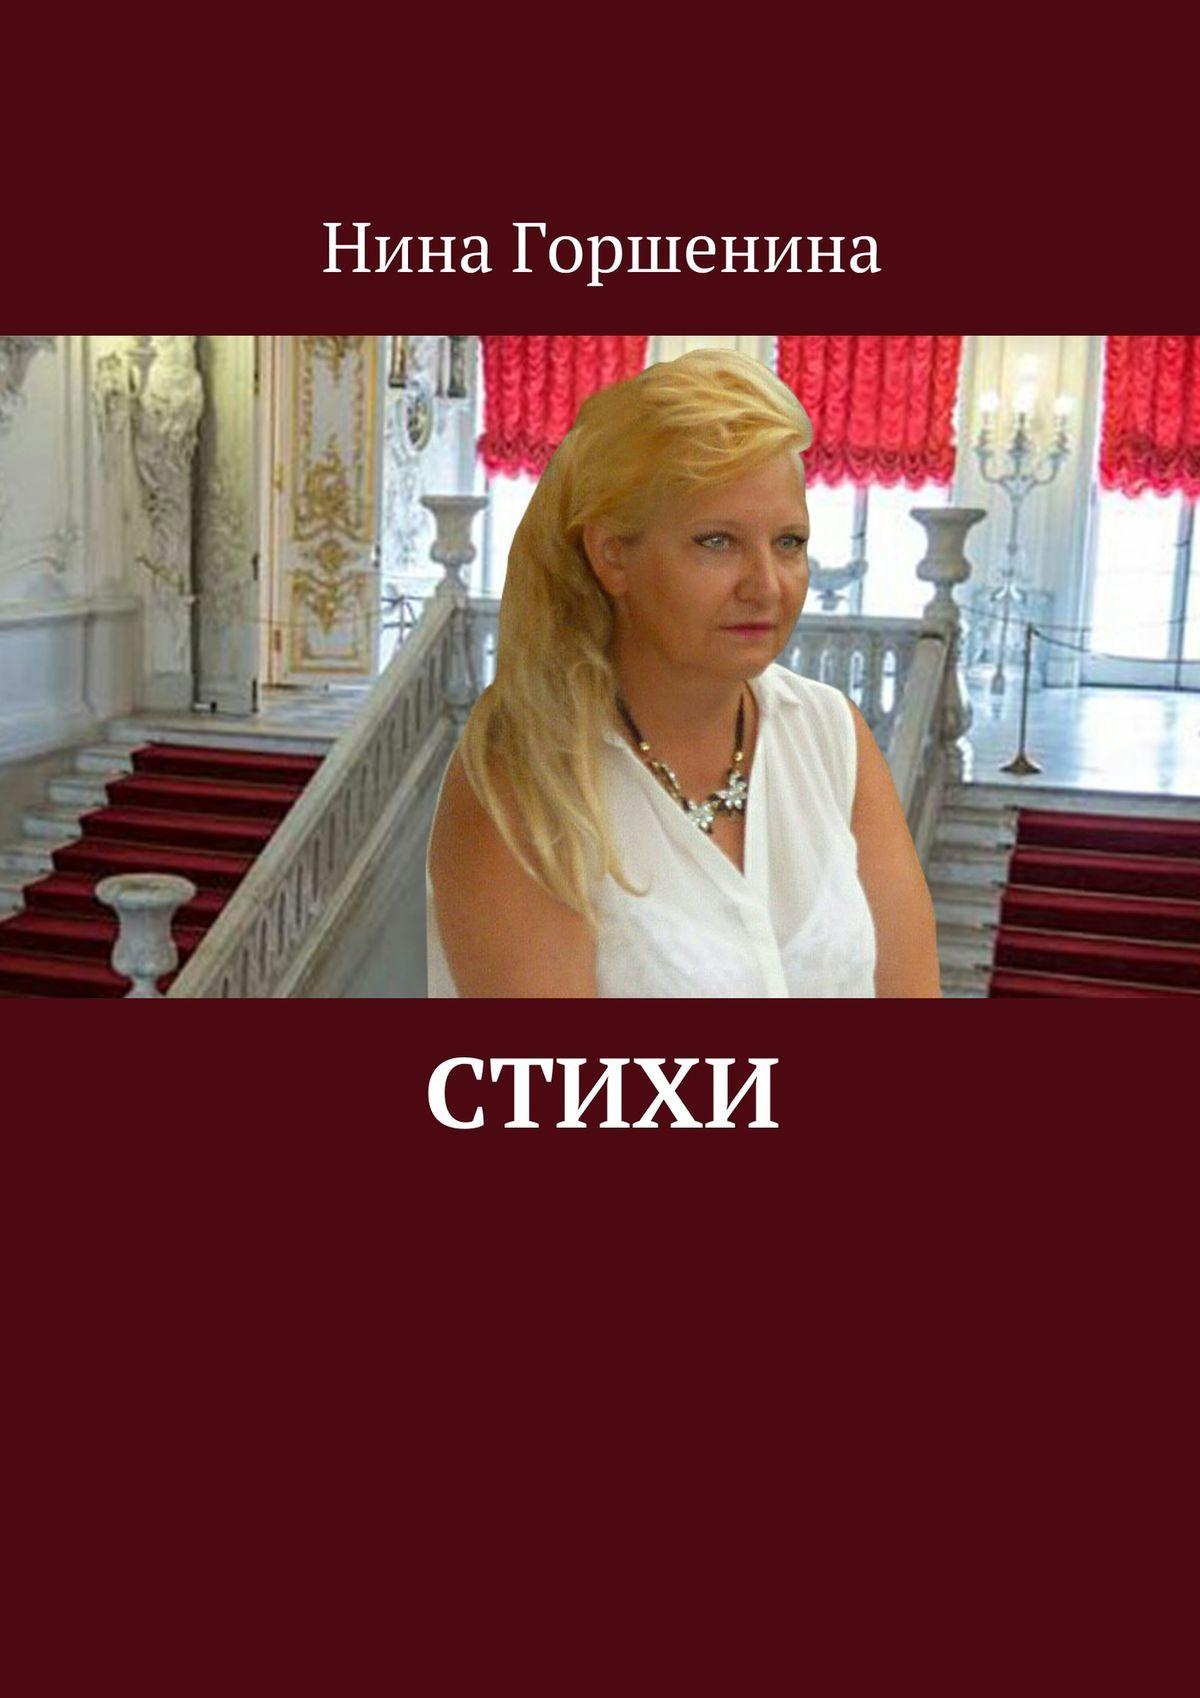 Нина Горшенина Стихи евгения полька людям очень нужны стихи